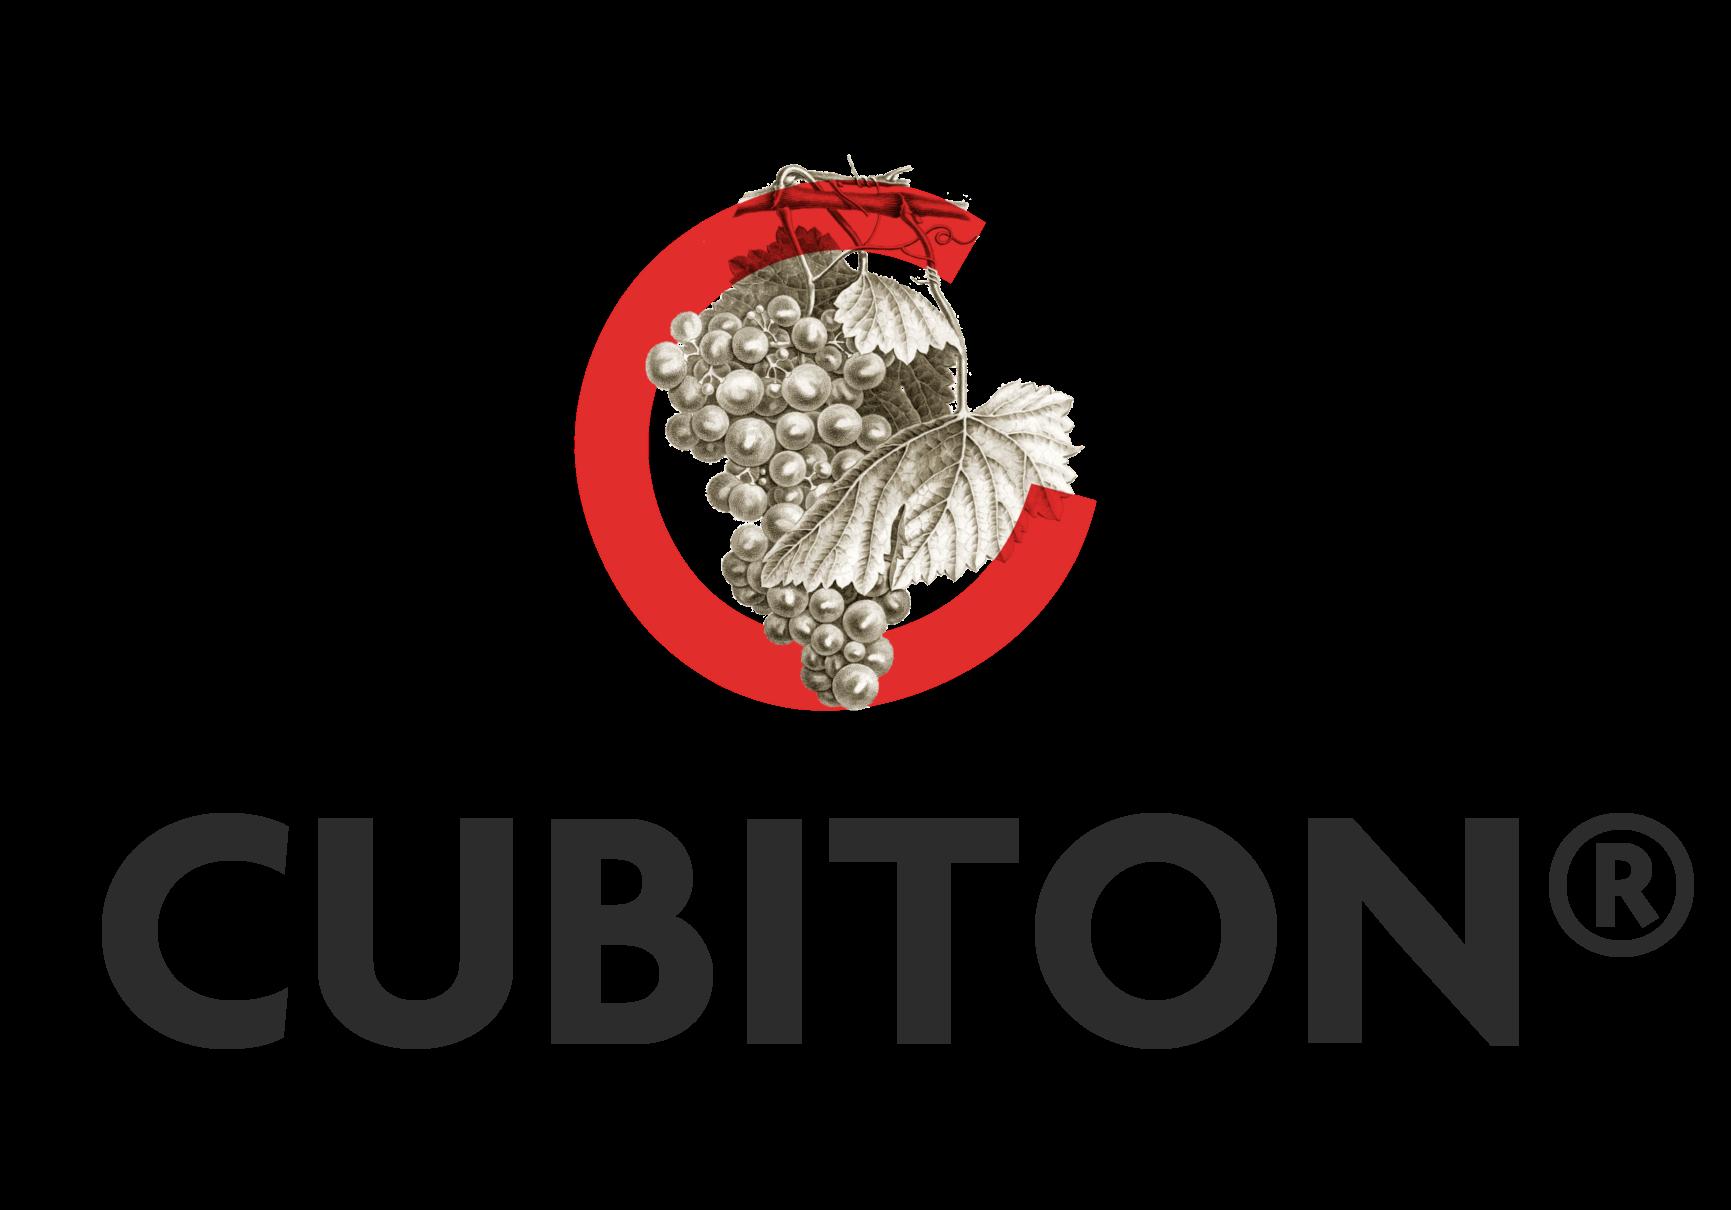 Cubiton